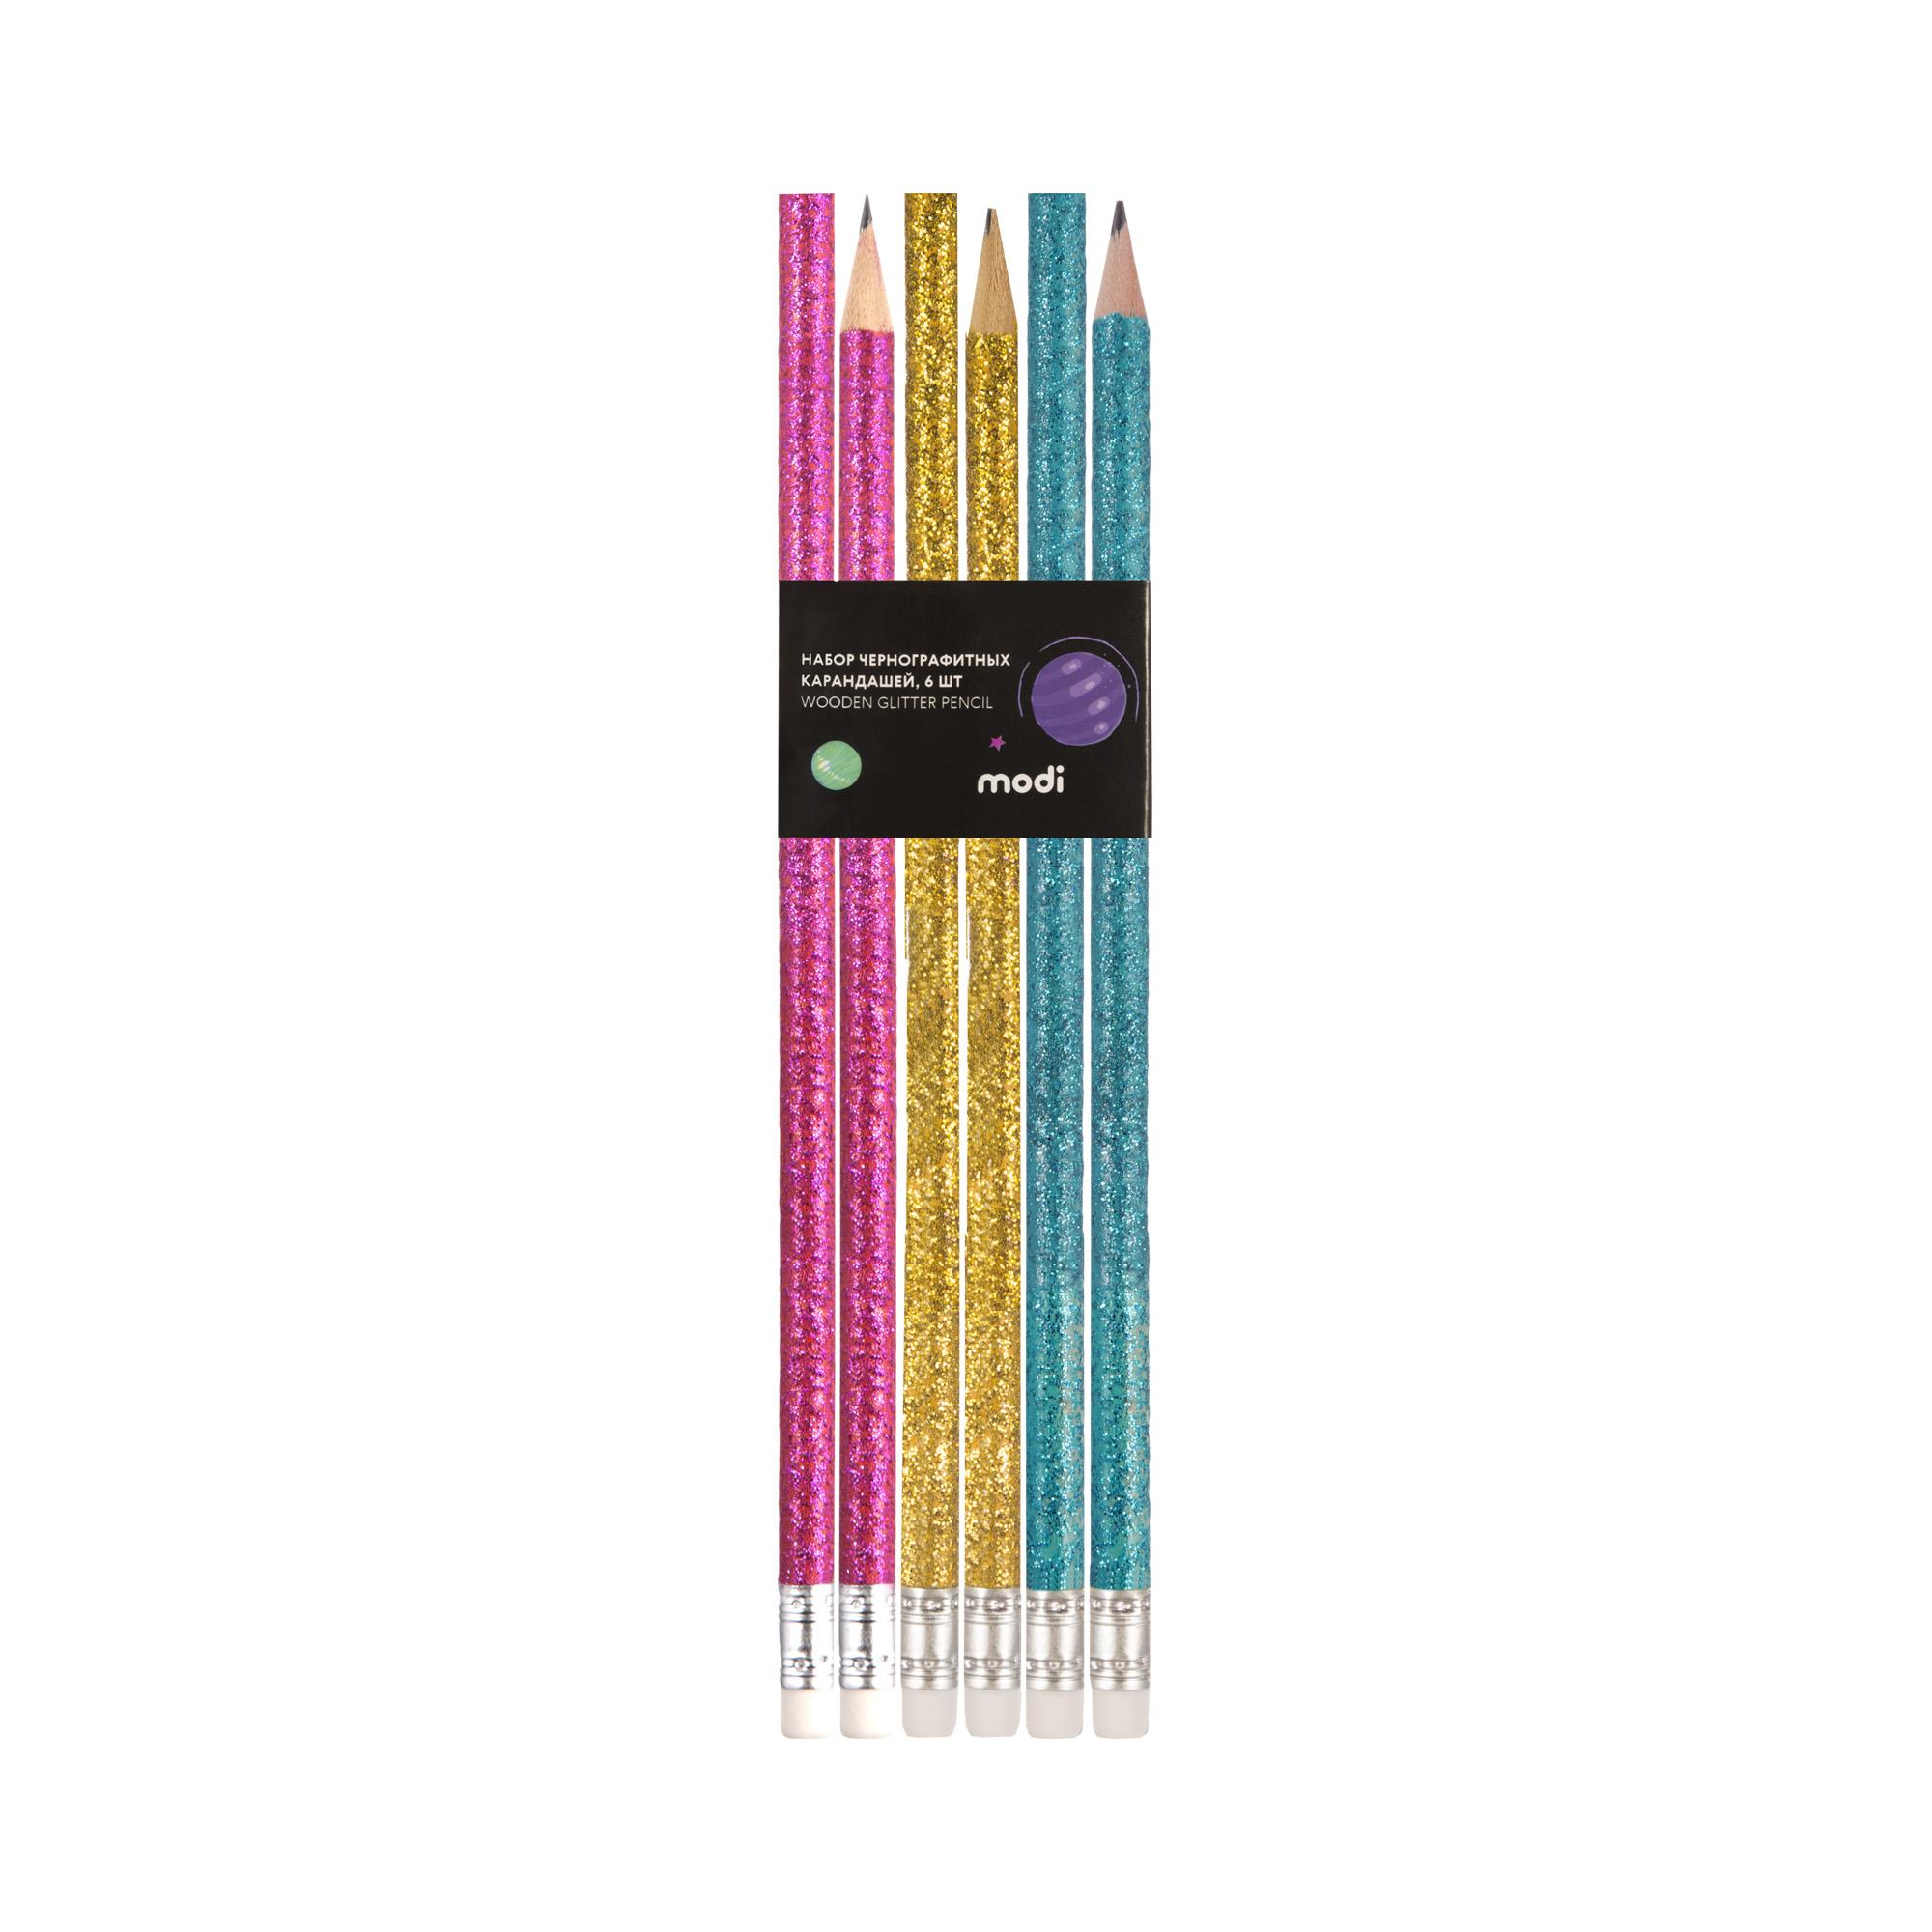 Набор чернографитных карандашей, 6шт набор карандашей чернографитных sivo 4шт нв с резинкой